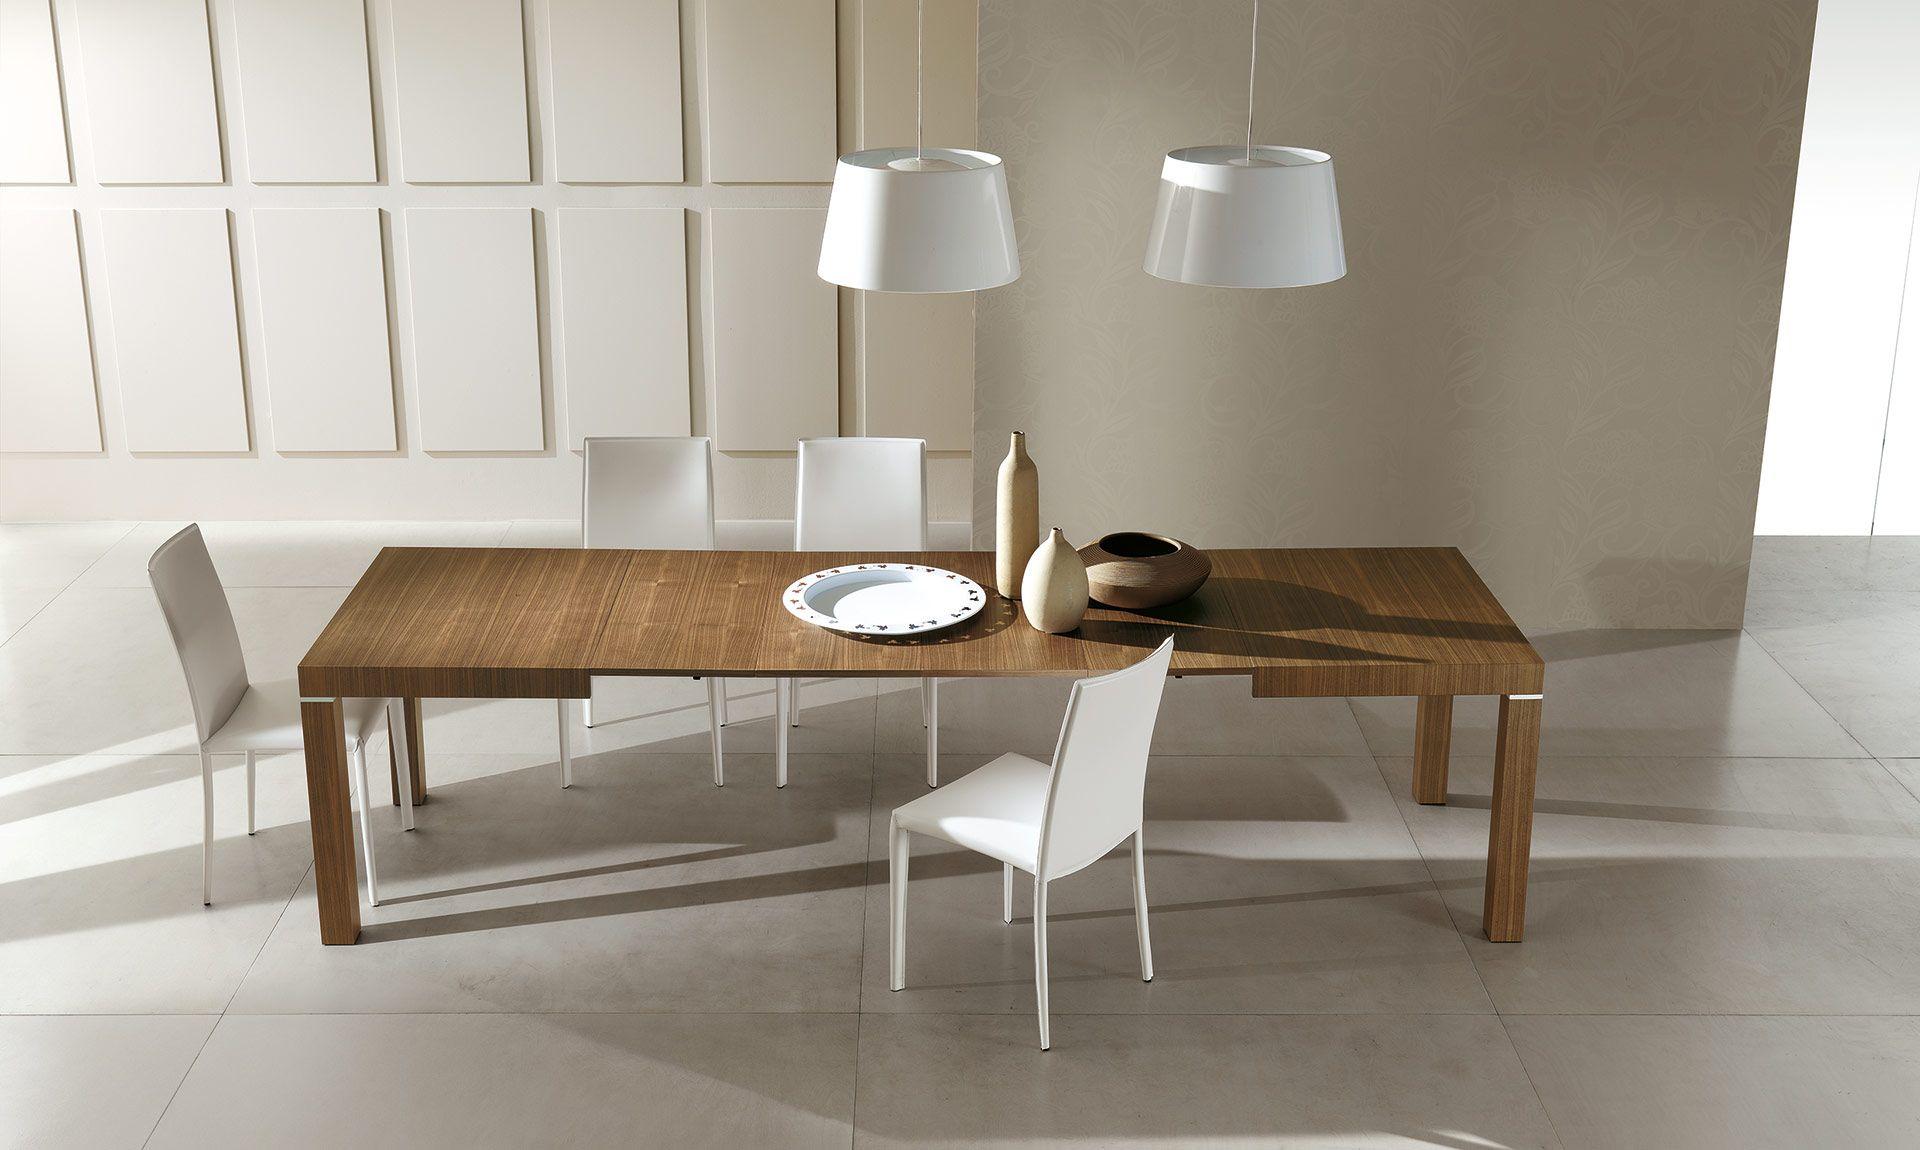 tavolo in legno allungabile con particolari in alluminio